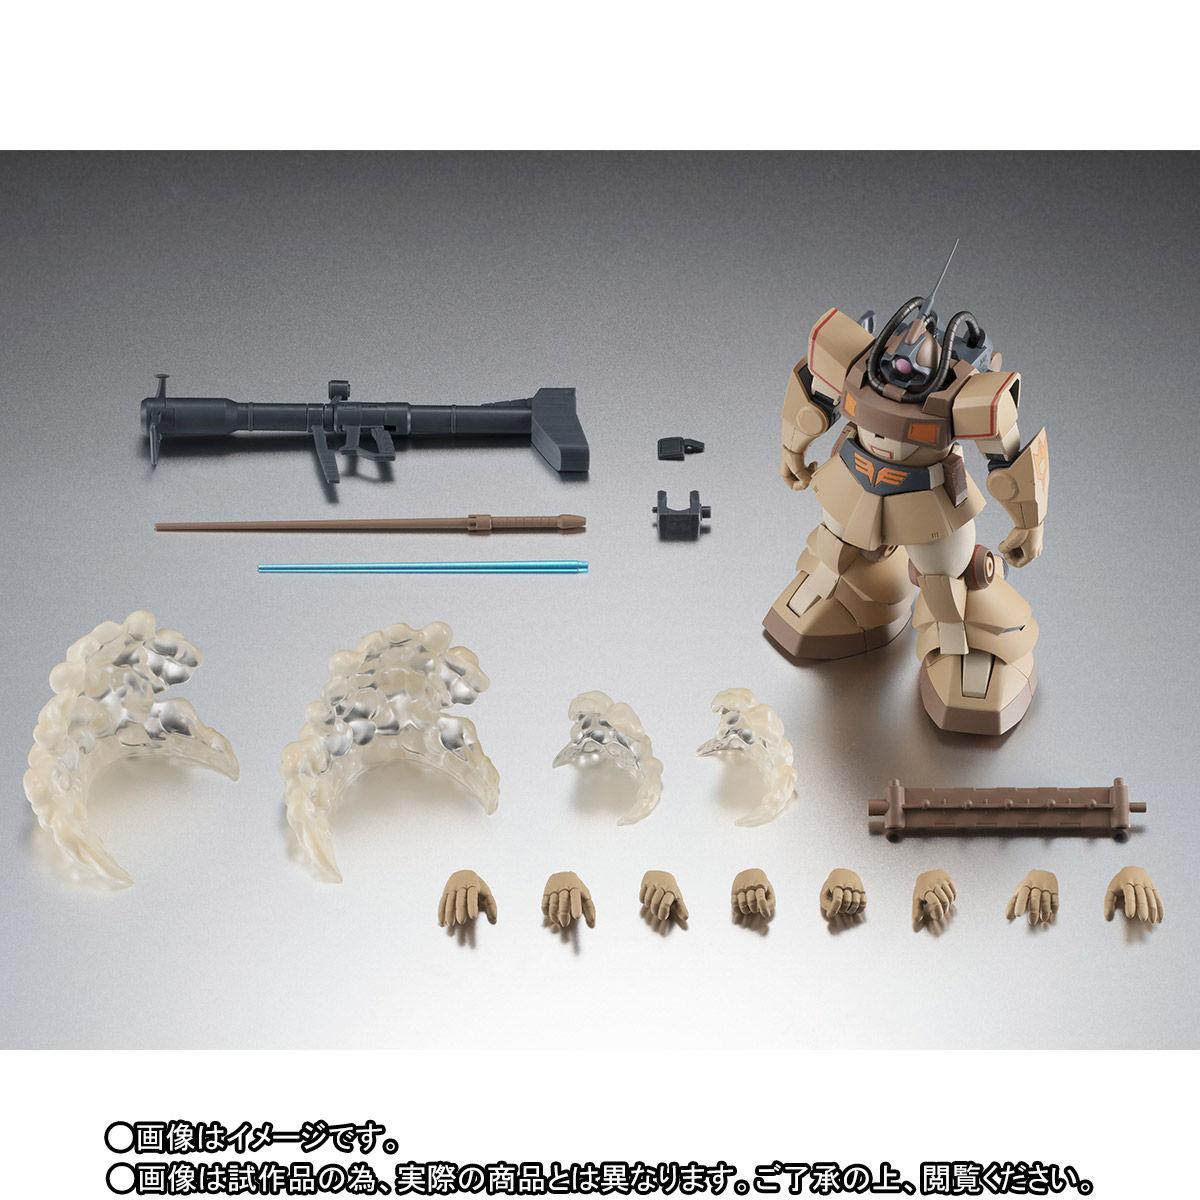 ROBOT魂〈SIDE MS〉『YMS-09D ドム・トロピカルテストタイプ ver. A.N.I.M.E.』ガンダムMSV 可動フィギュア-009